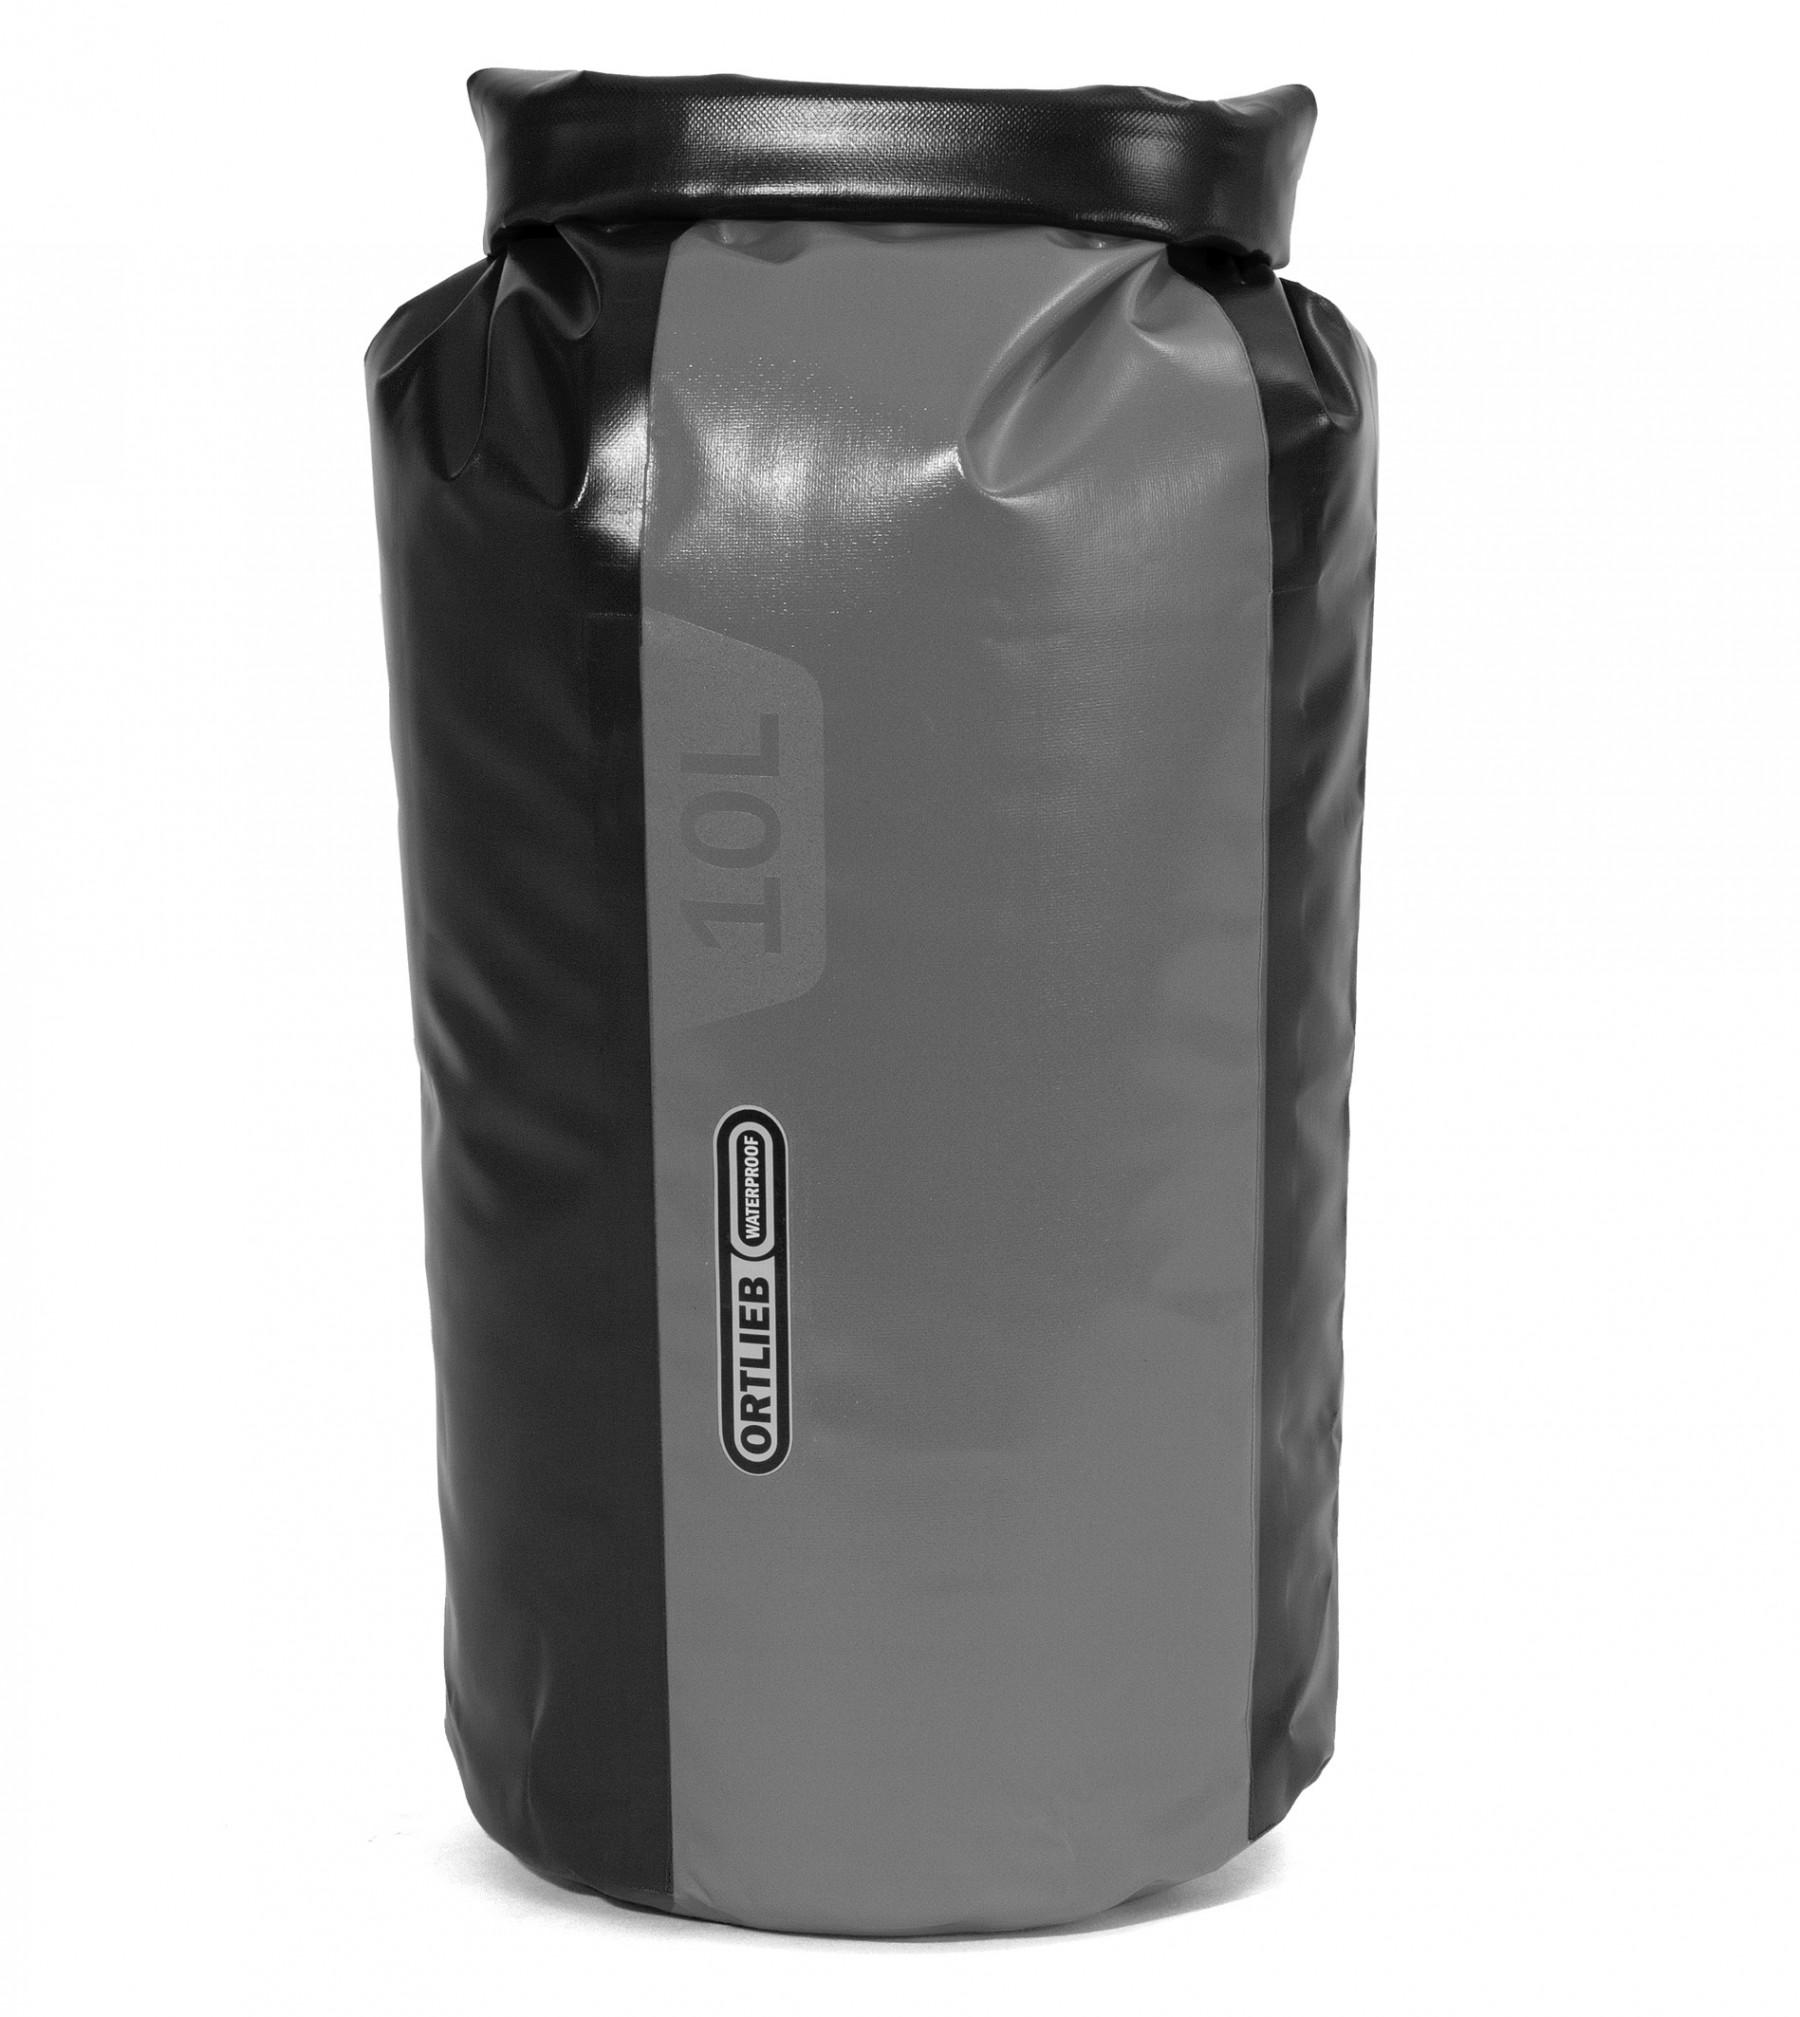 sac fourre tout tanche ortlieb pd 350 avec fermeture par enroulement. Black Bedroom Furniture Sets. Home Design Ideas